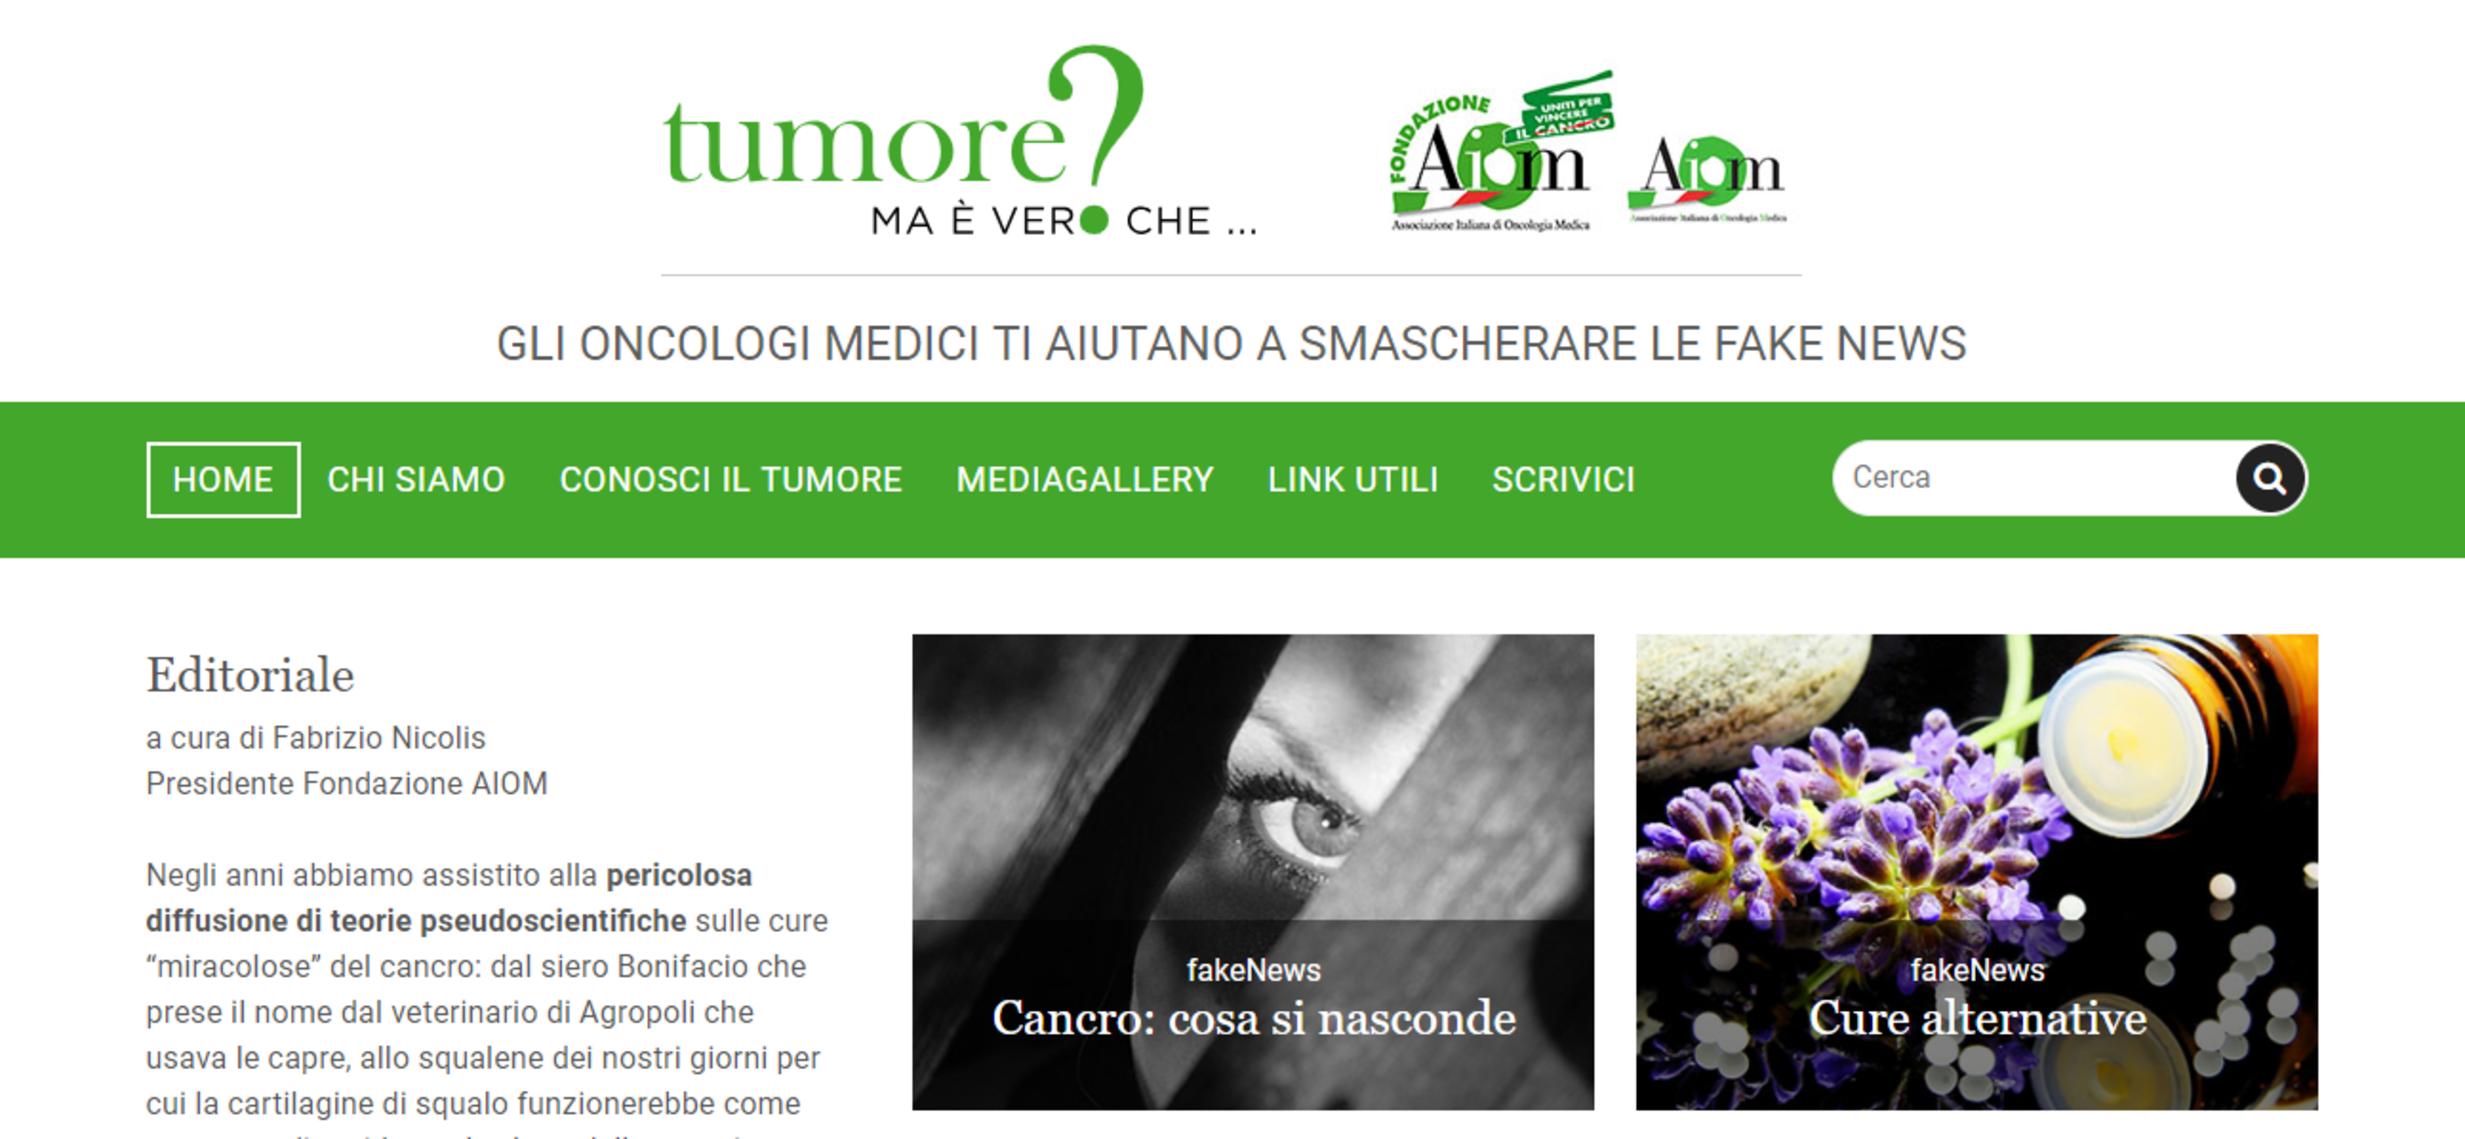 Tumori, crescono le ricerche  sul portale anti fake news degli oncologi